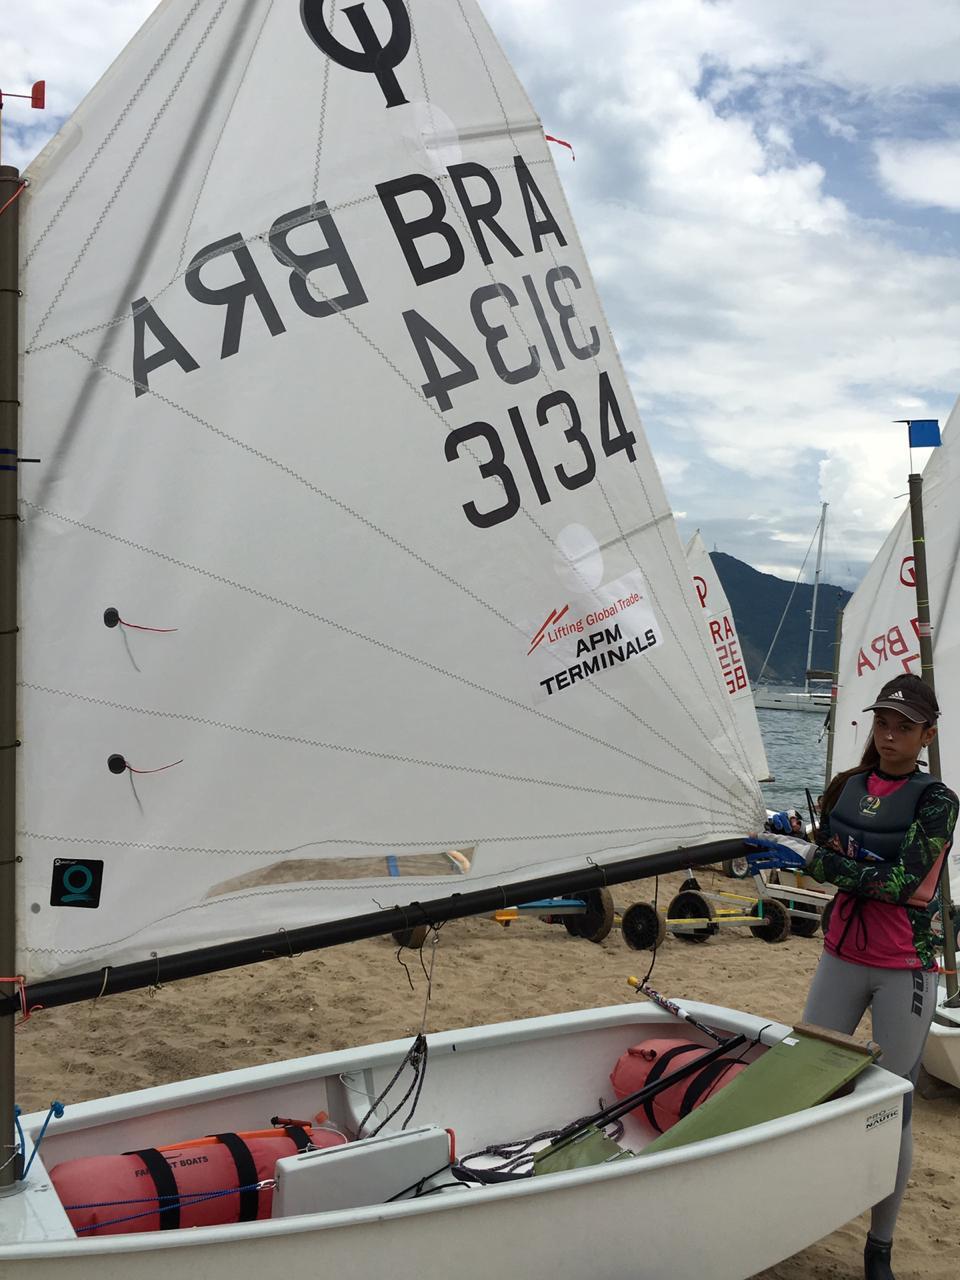 Brenda Furlin, velejadora mirim do Itajaí Sailing Team (IST), participa de 5 a 15 de janeiro, do 47° Campeonato Brasileiro de Optimist/ Foto: Arquivo Pessoal/Divulgação